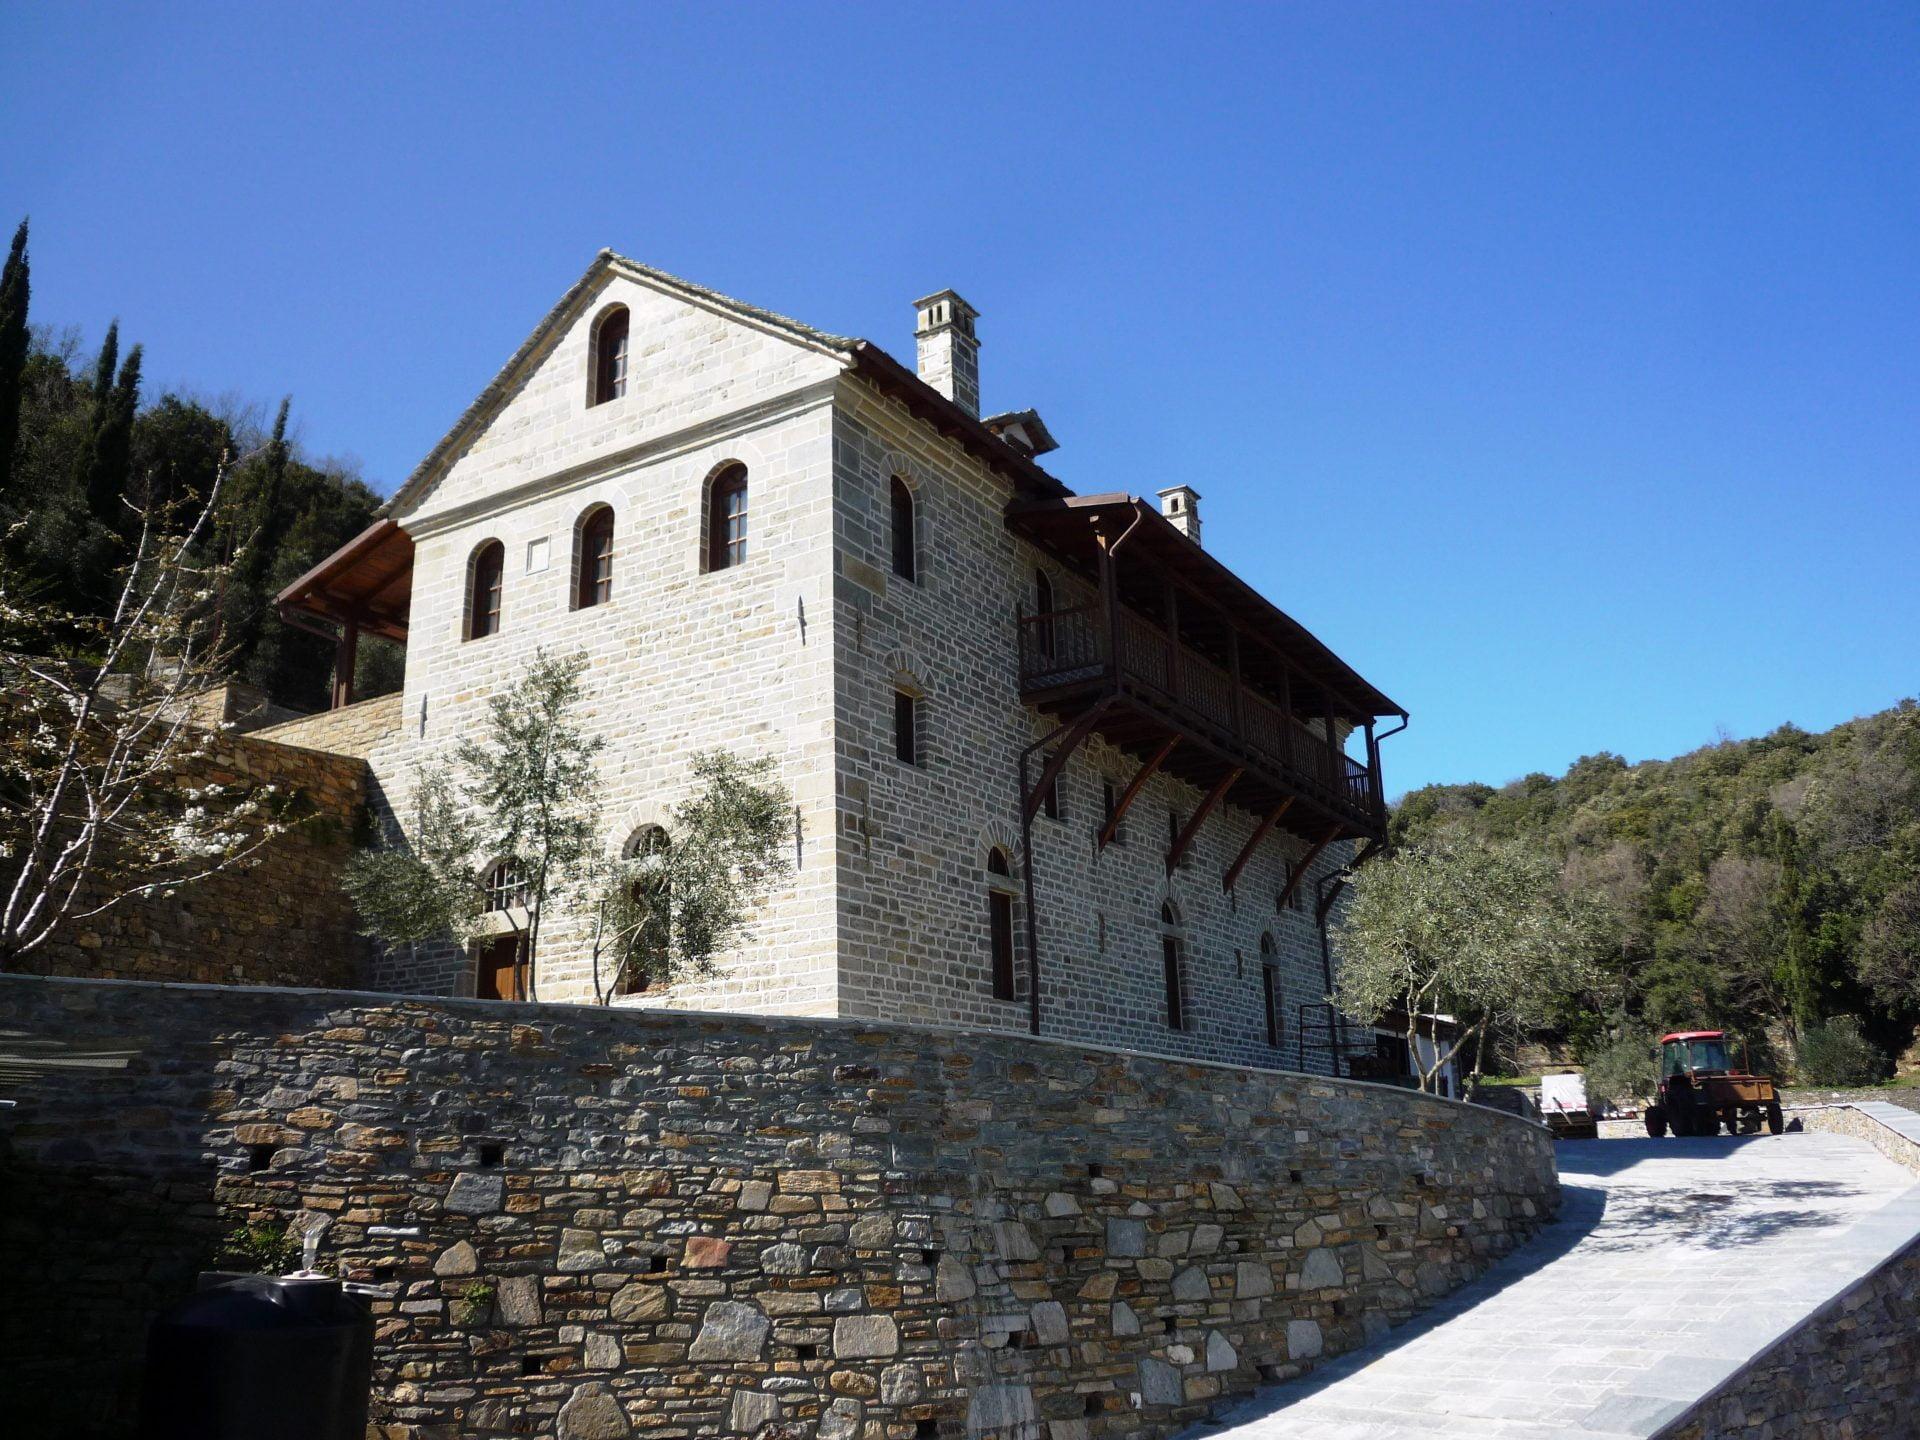 Πέτρινο κτίριο με ξύλινα κουφώματα